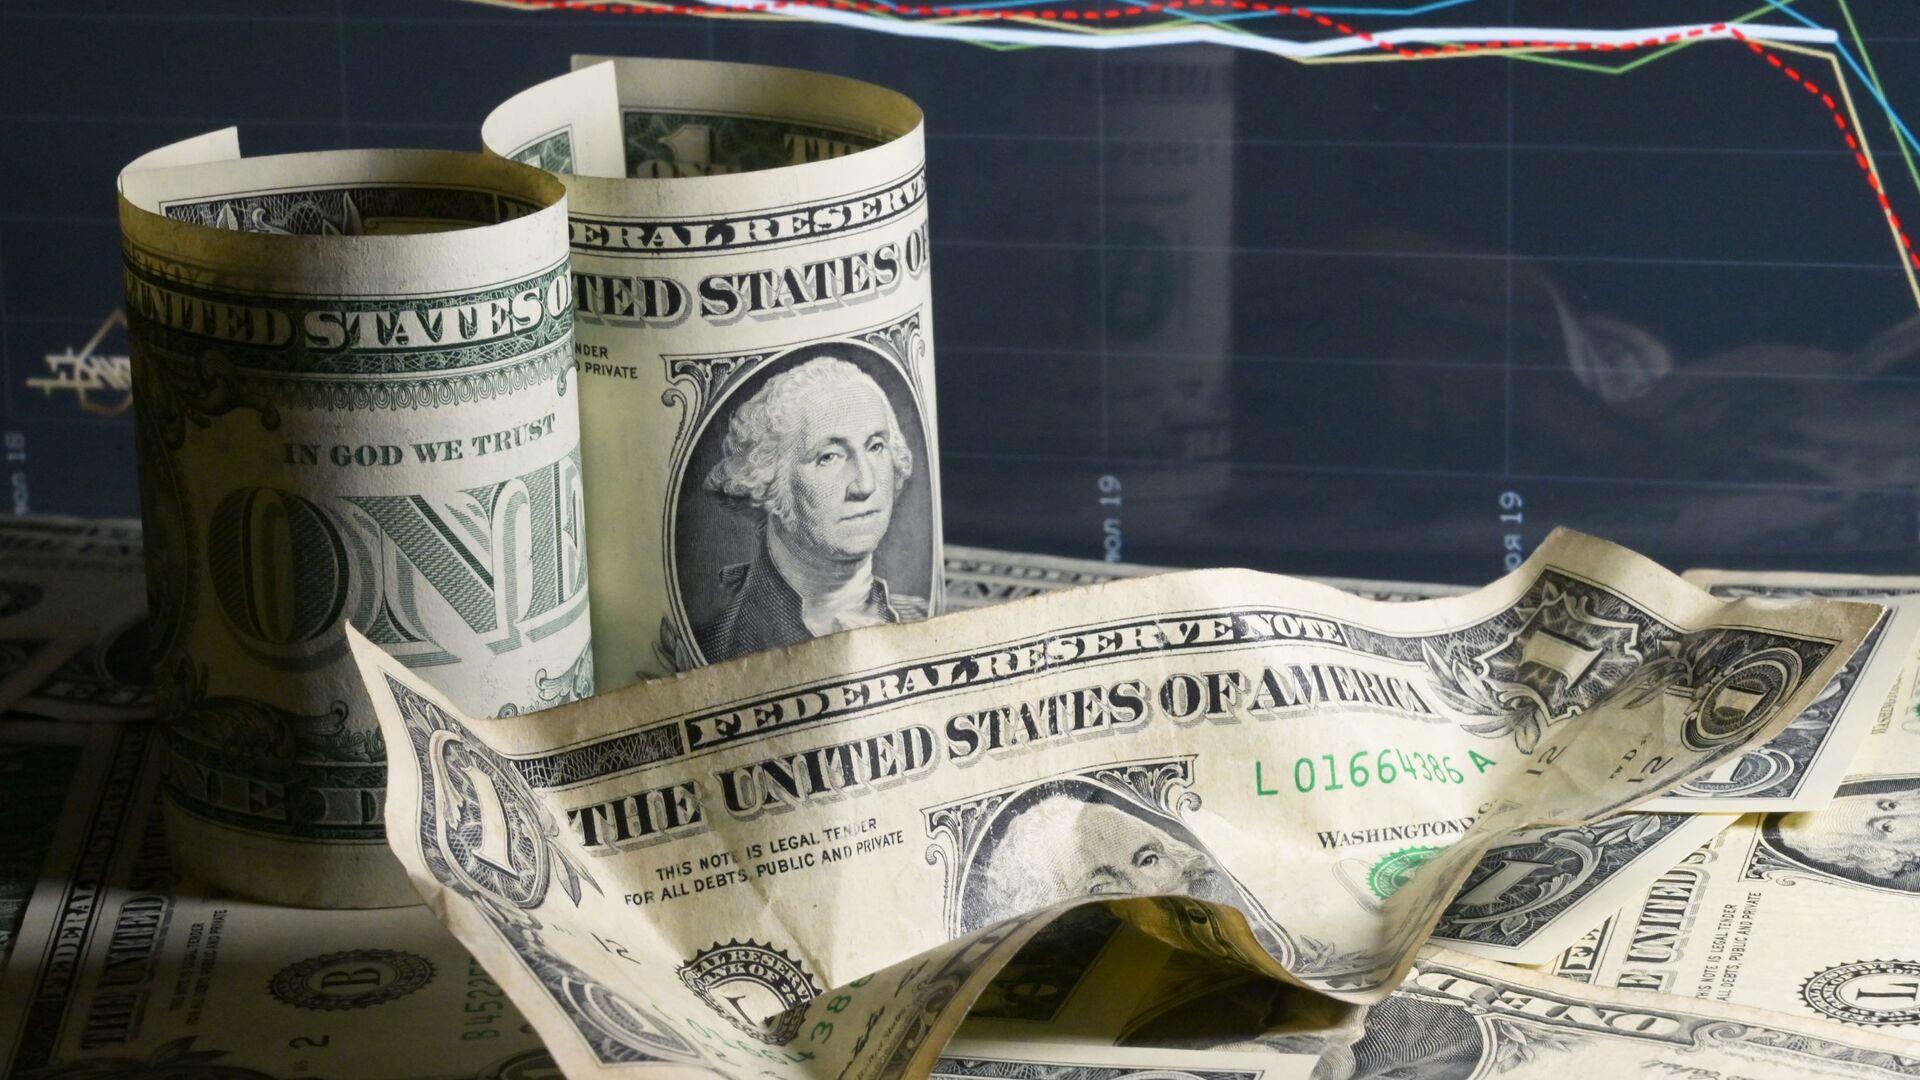 Unos billetes de dólares de EEUU - Sputnik Mundo, 1920, 21.02.2021